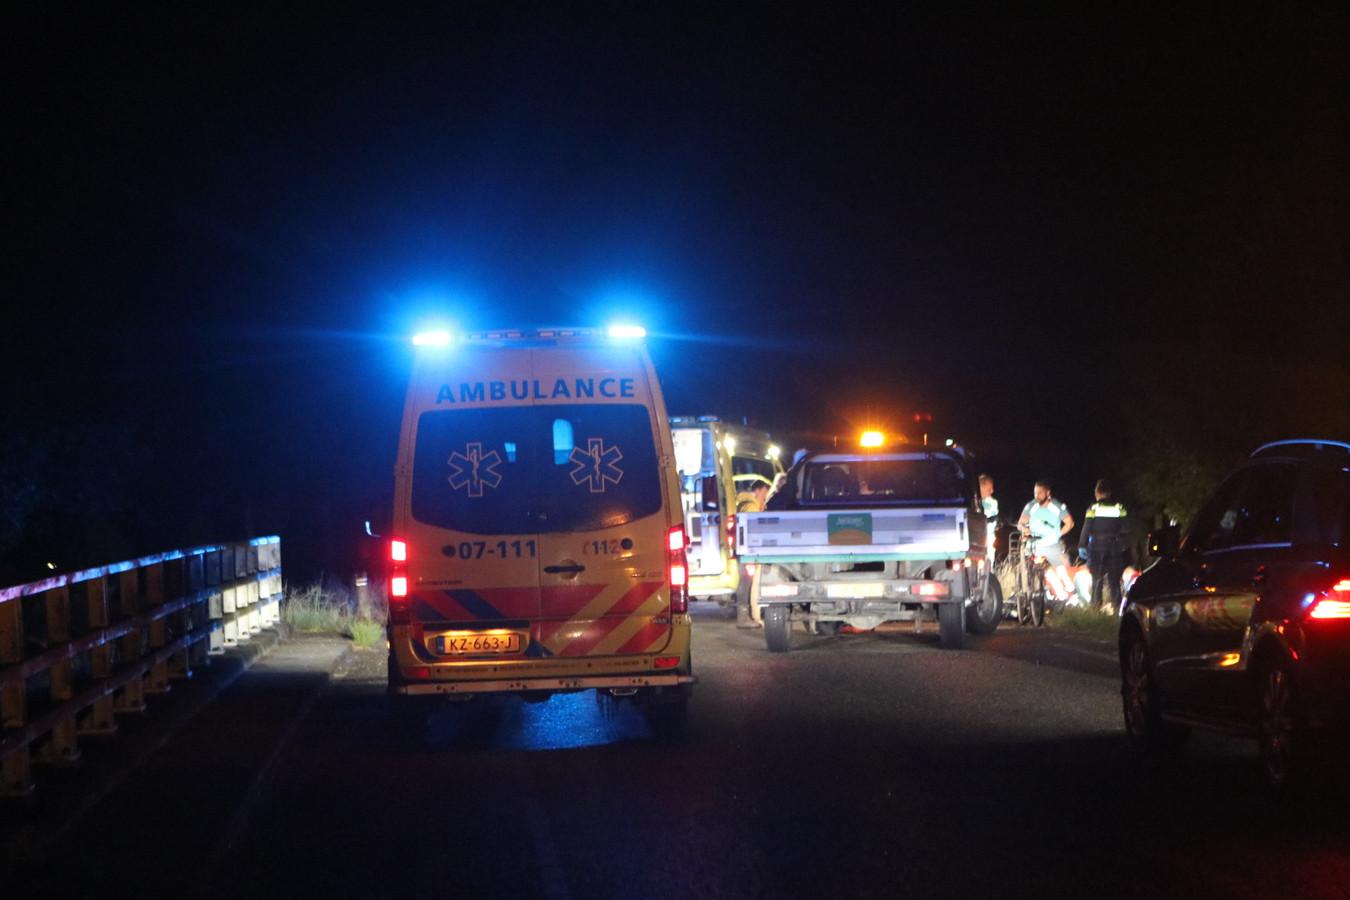 Een 16-jarige fietser uit Ede is gewond geraakt bij een aanrijding, de 24-jarige veroorzaker uit Lunteren reed door en meldde zich later.